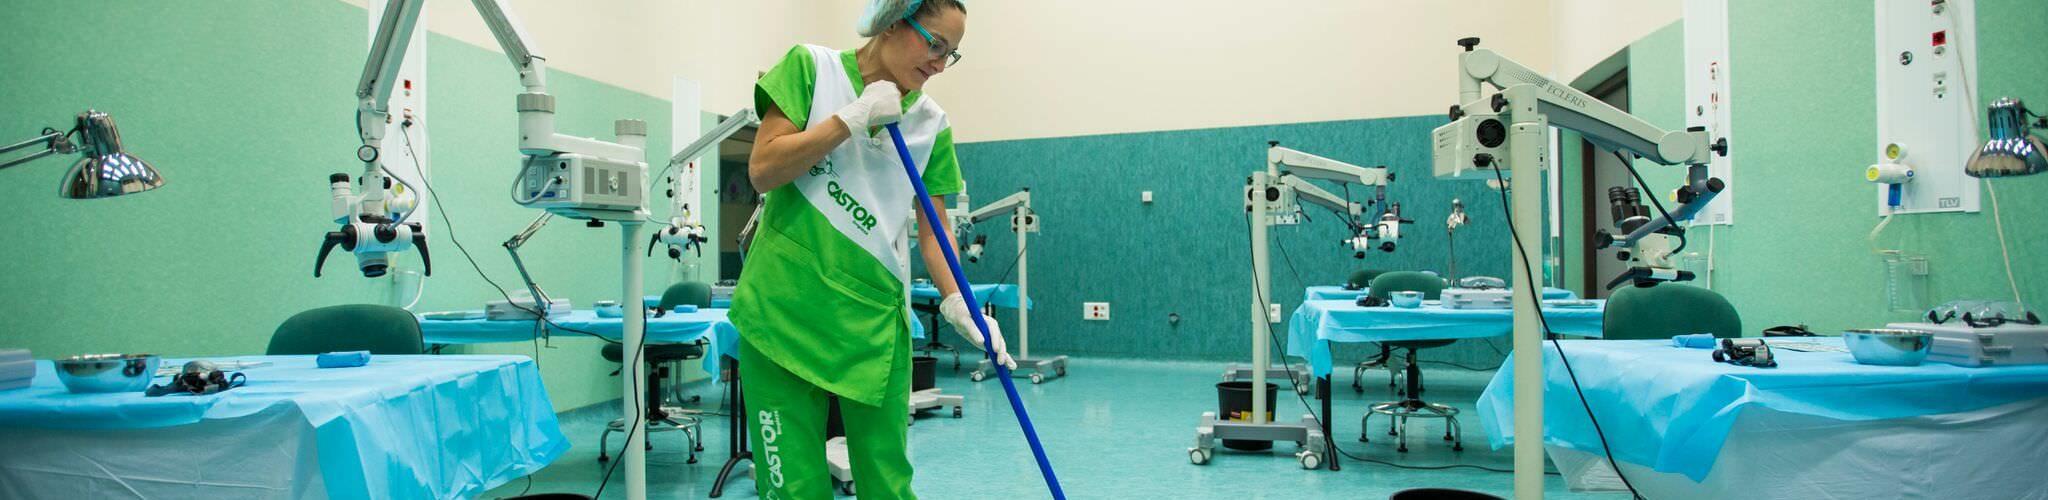 Limpiezas Castor. empresa-limpieza-sevilla-2048x500 Empresa de limpieza en Sevilla